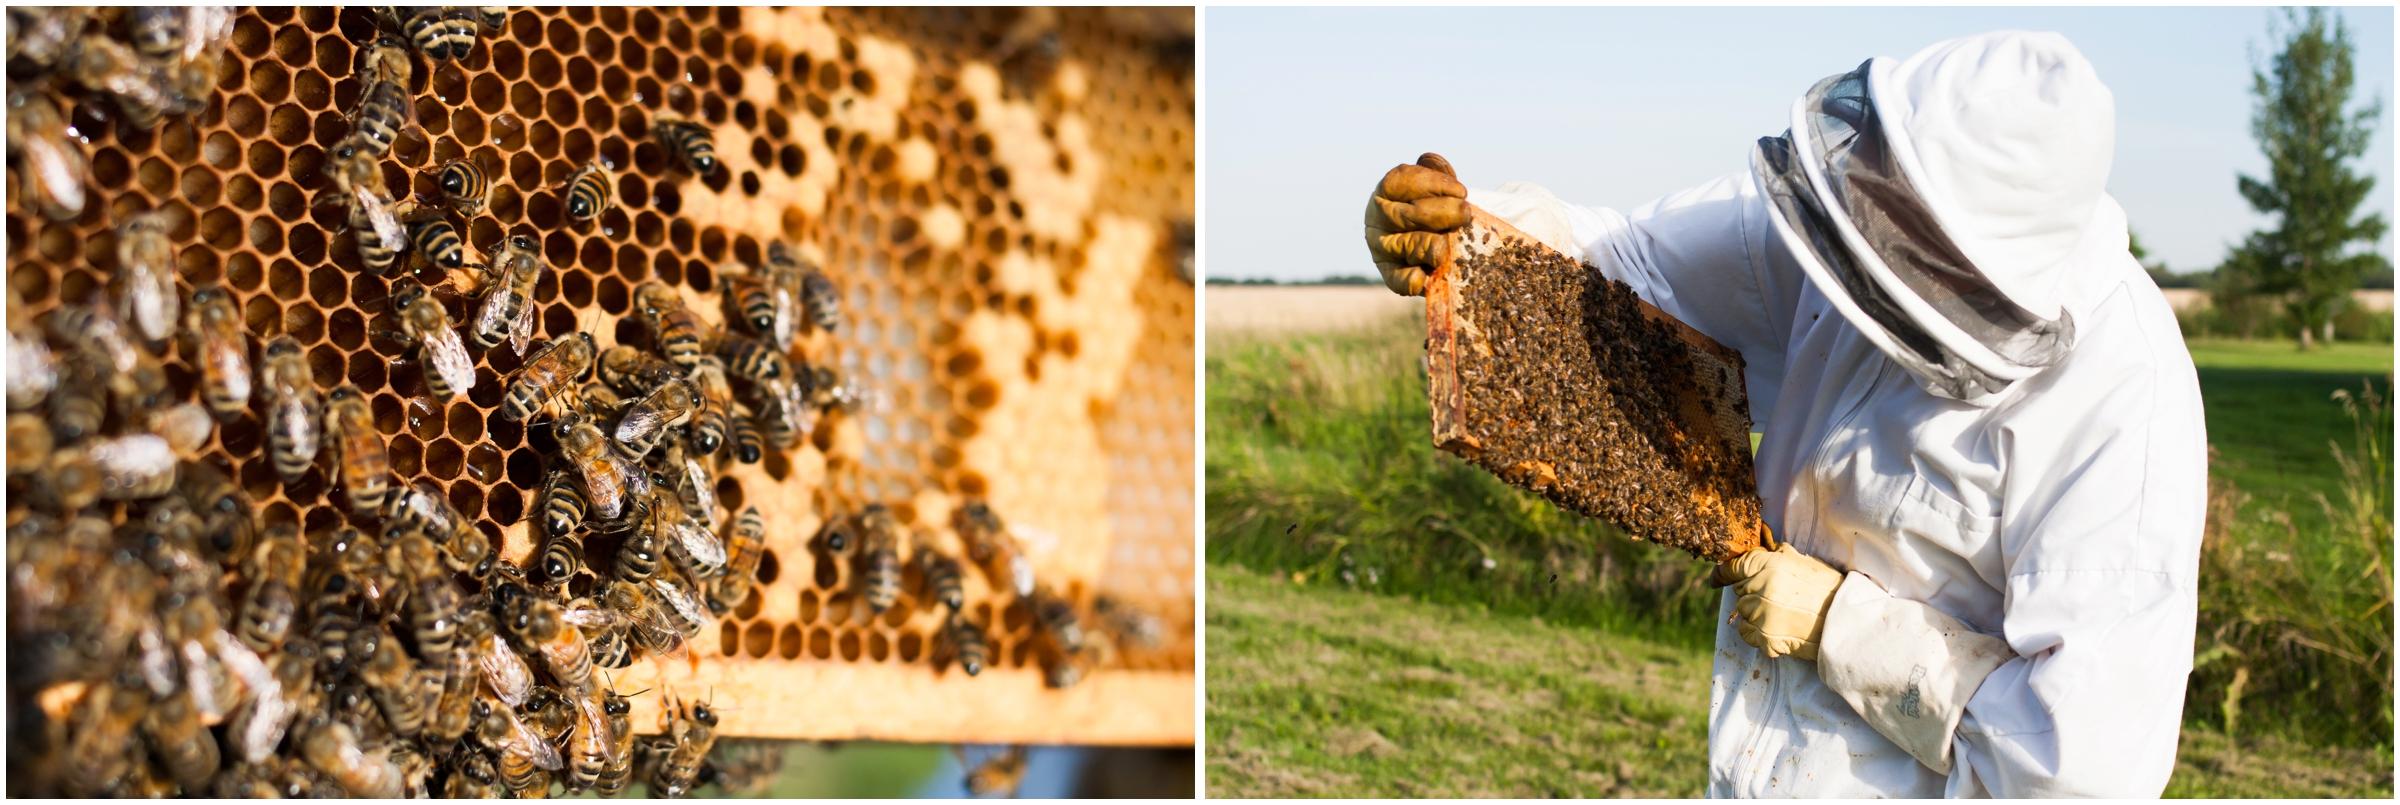 Paul Kirvan Bees_0009.jpg